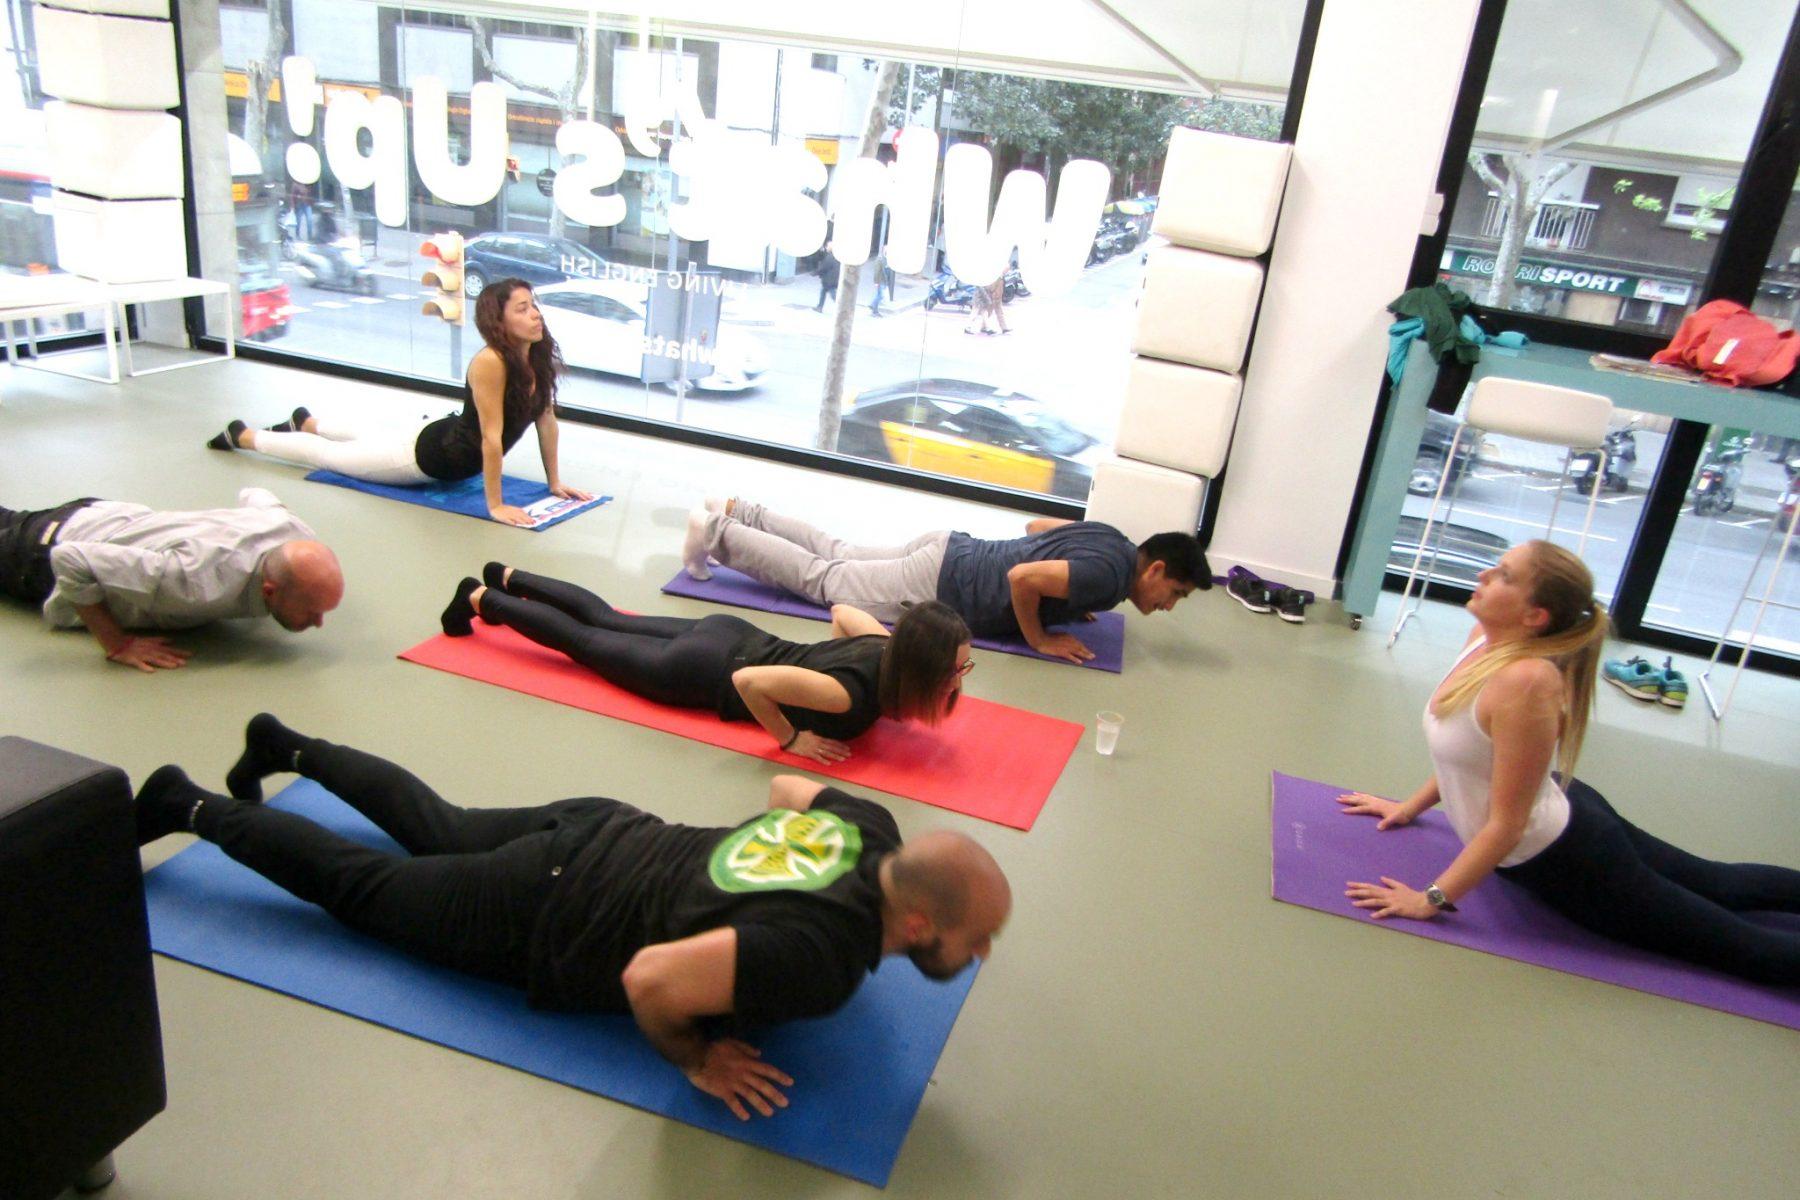 sesión de yoga en la academia de inglés What's Up!